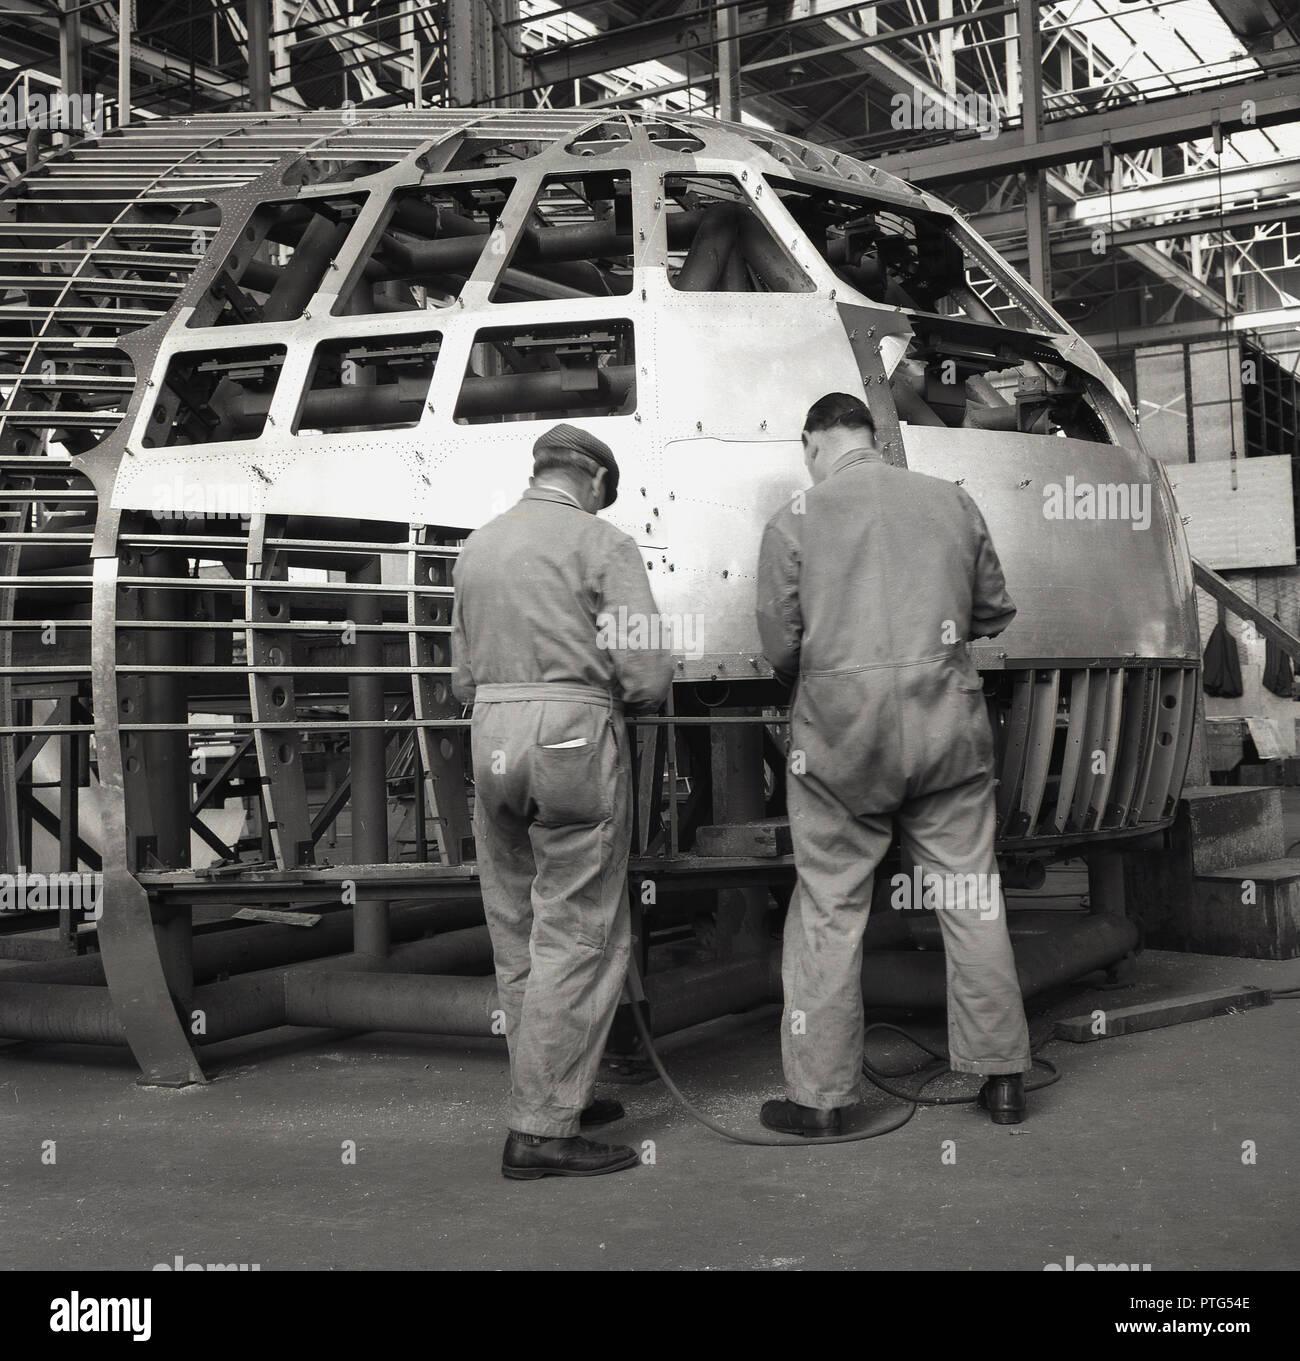 1950, historische, Luftfahrt, zwei männliche Mechanik oder Ingenieure in Overalls arbeiten an der äußeren Flugzeugcockpit innerhalb einer Fabrik für Luft- und Raumfahrt oder Aufhänger, England, UK. Stockbild